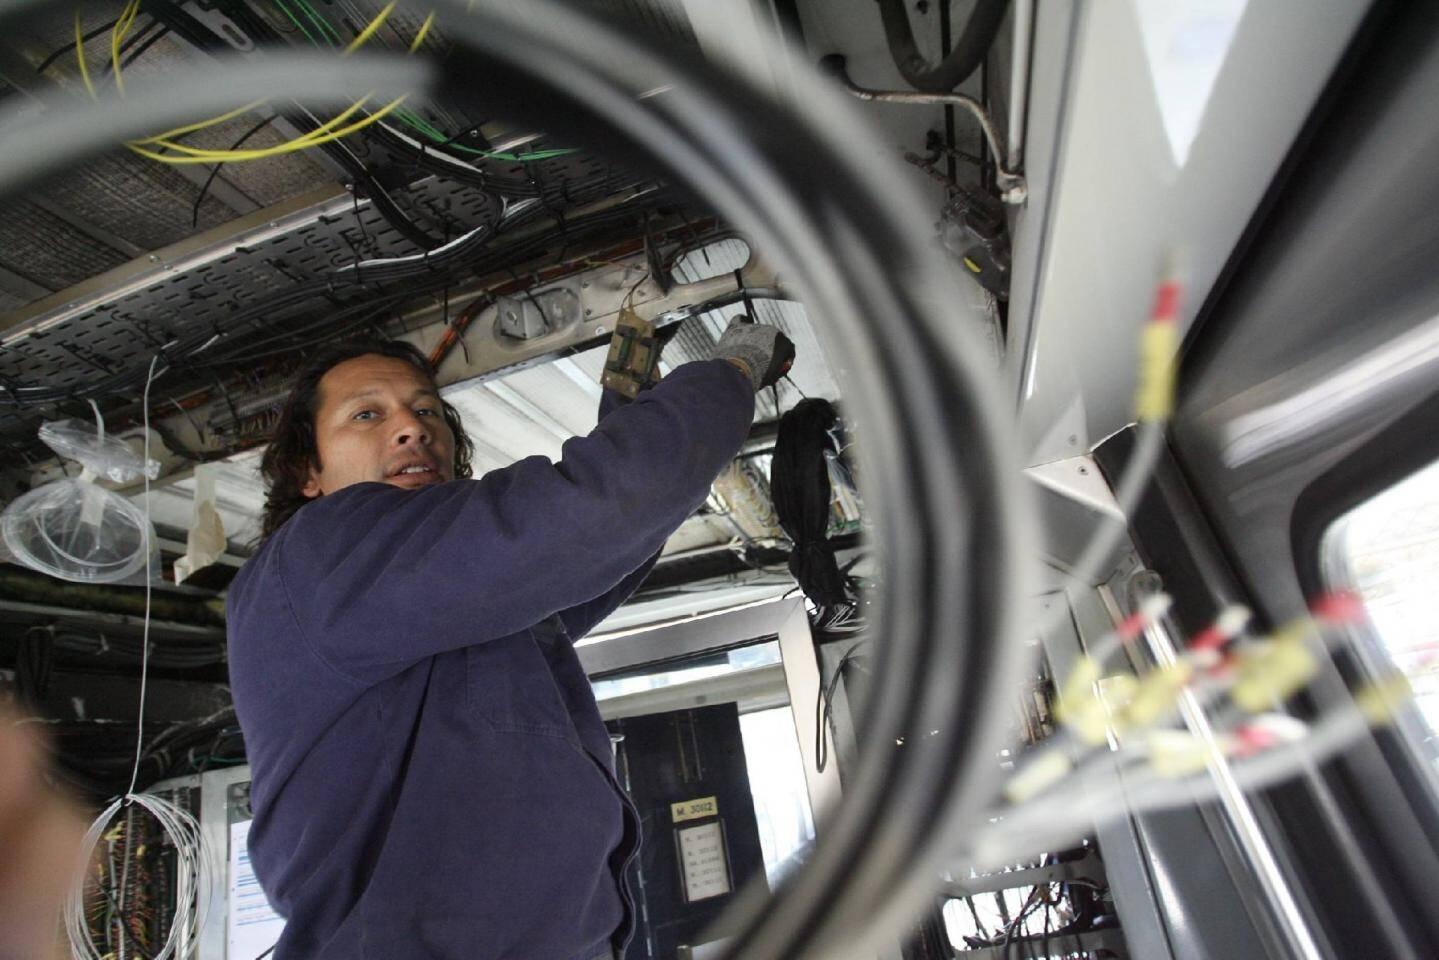 Mourad travaille depuis 7 ans comme monteur à AnsaldoBreda.